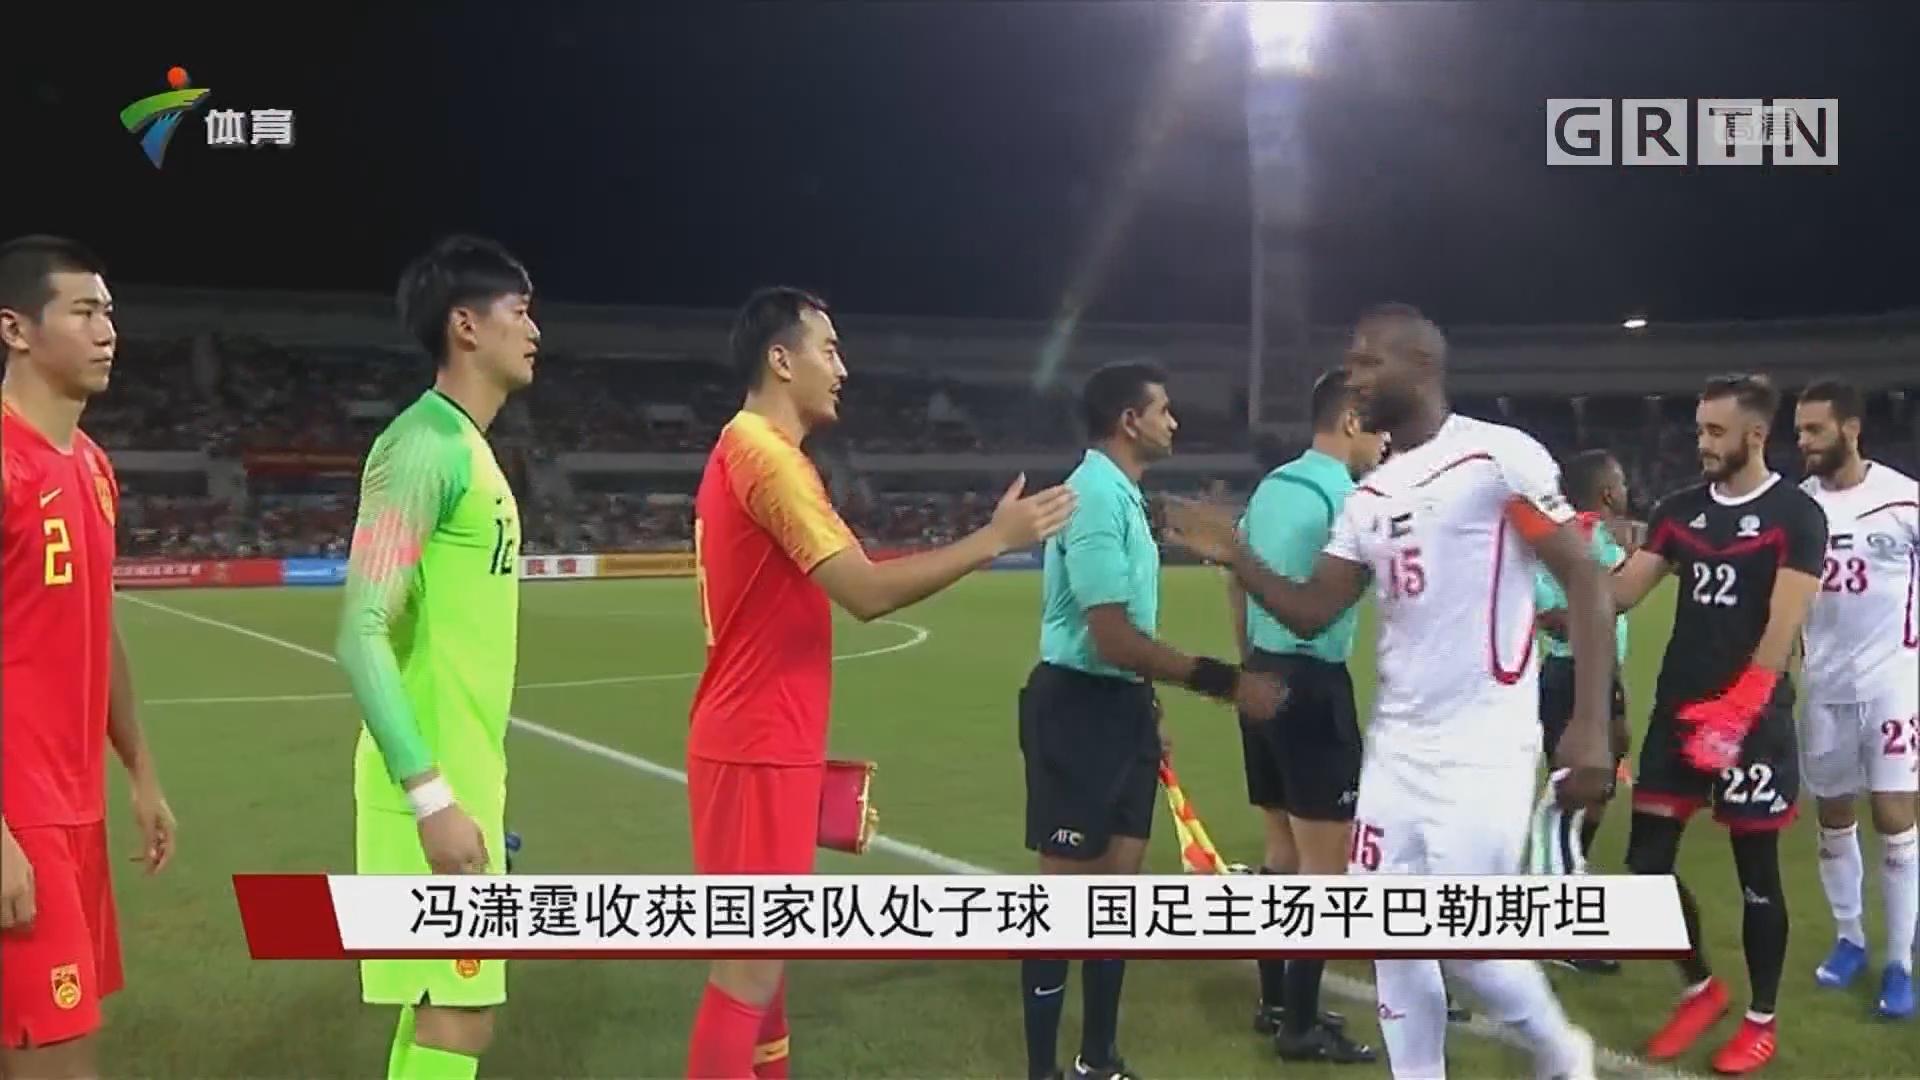 冯潇霆收获国家队处子球 国足主场平巴勒斯坦